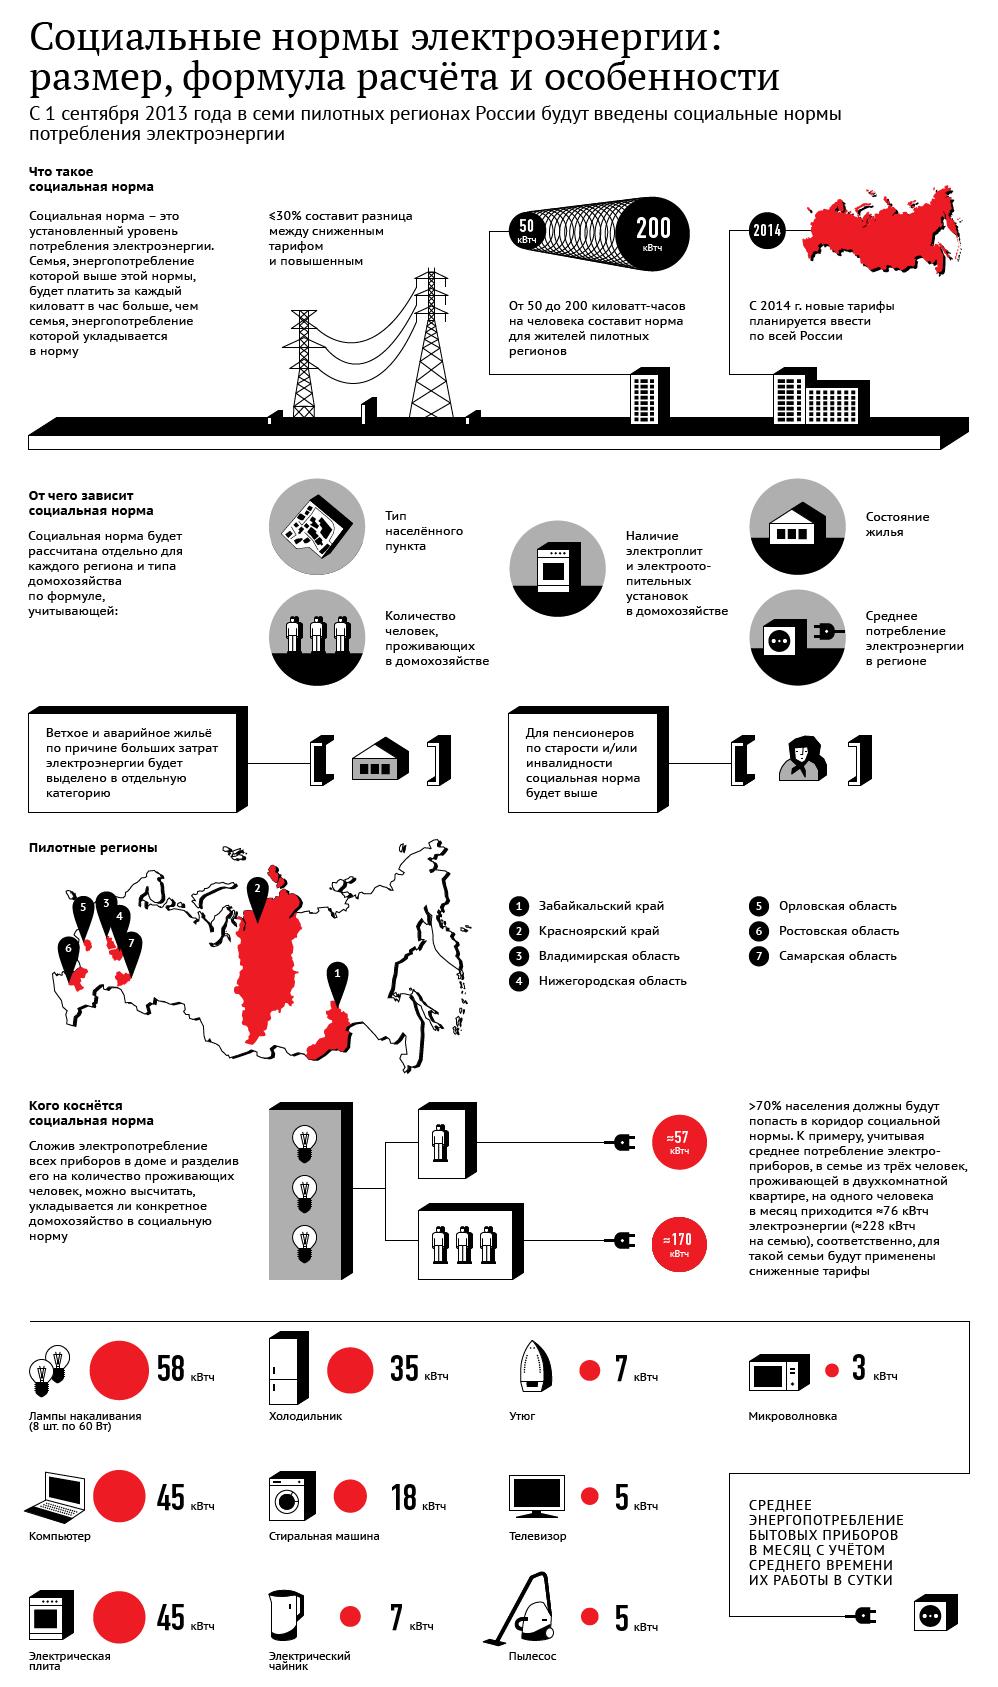 пилотный проект соц.нормы на электроэнергию